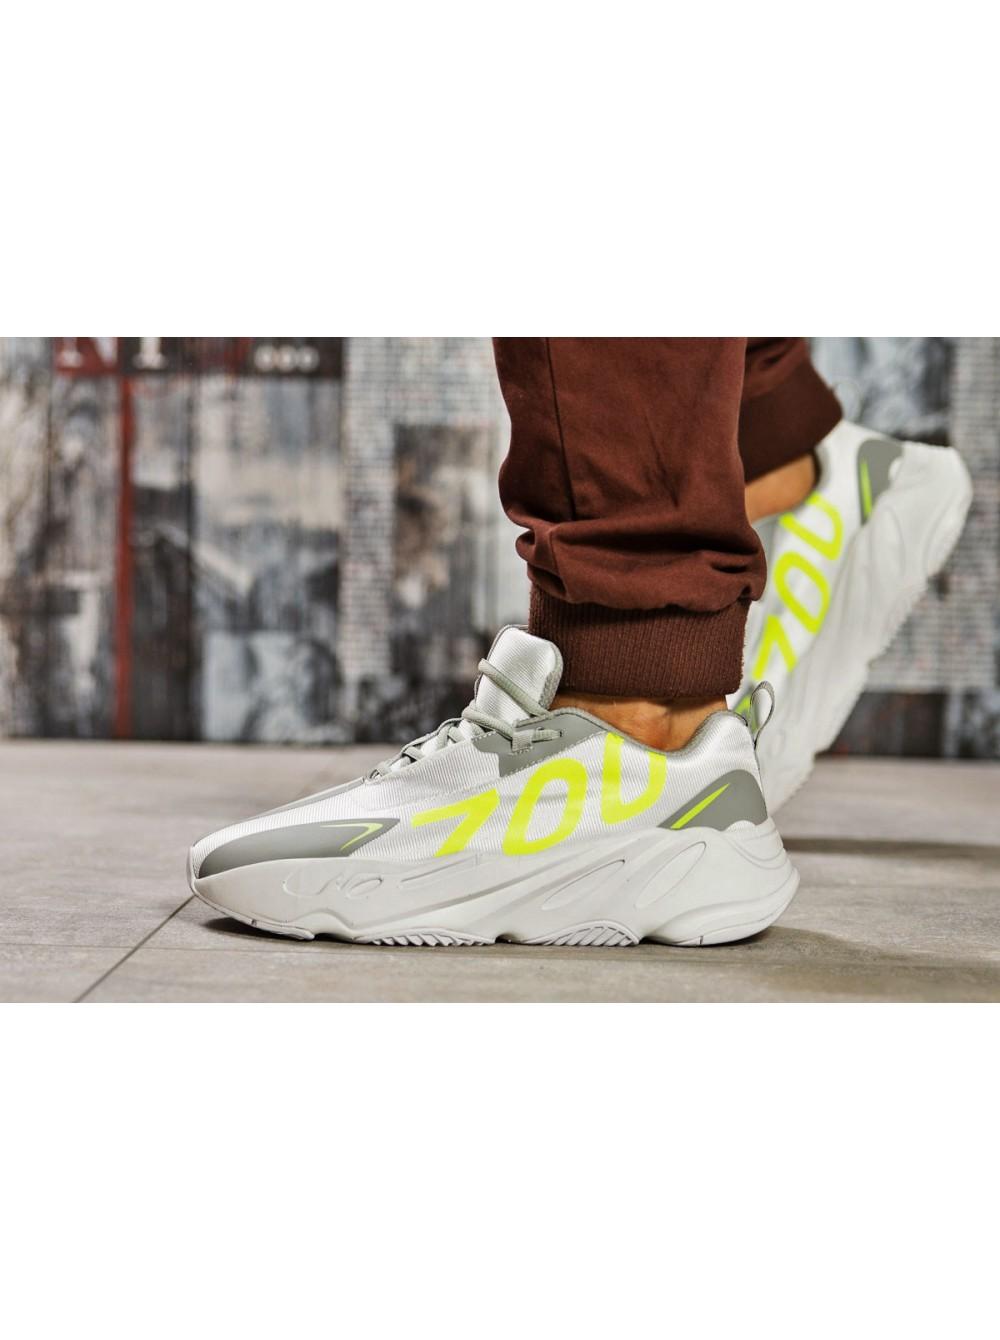 7dfc673fe84c Купить кроссовки Adidas Yeezy 700 мужские серые в Украине